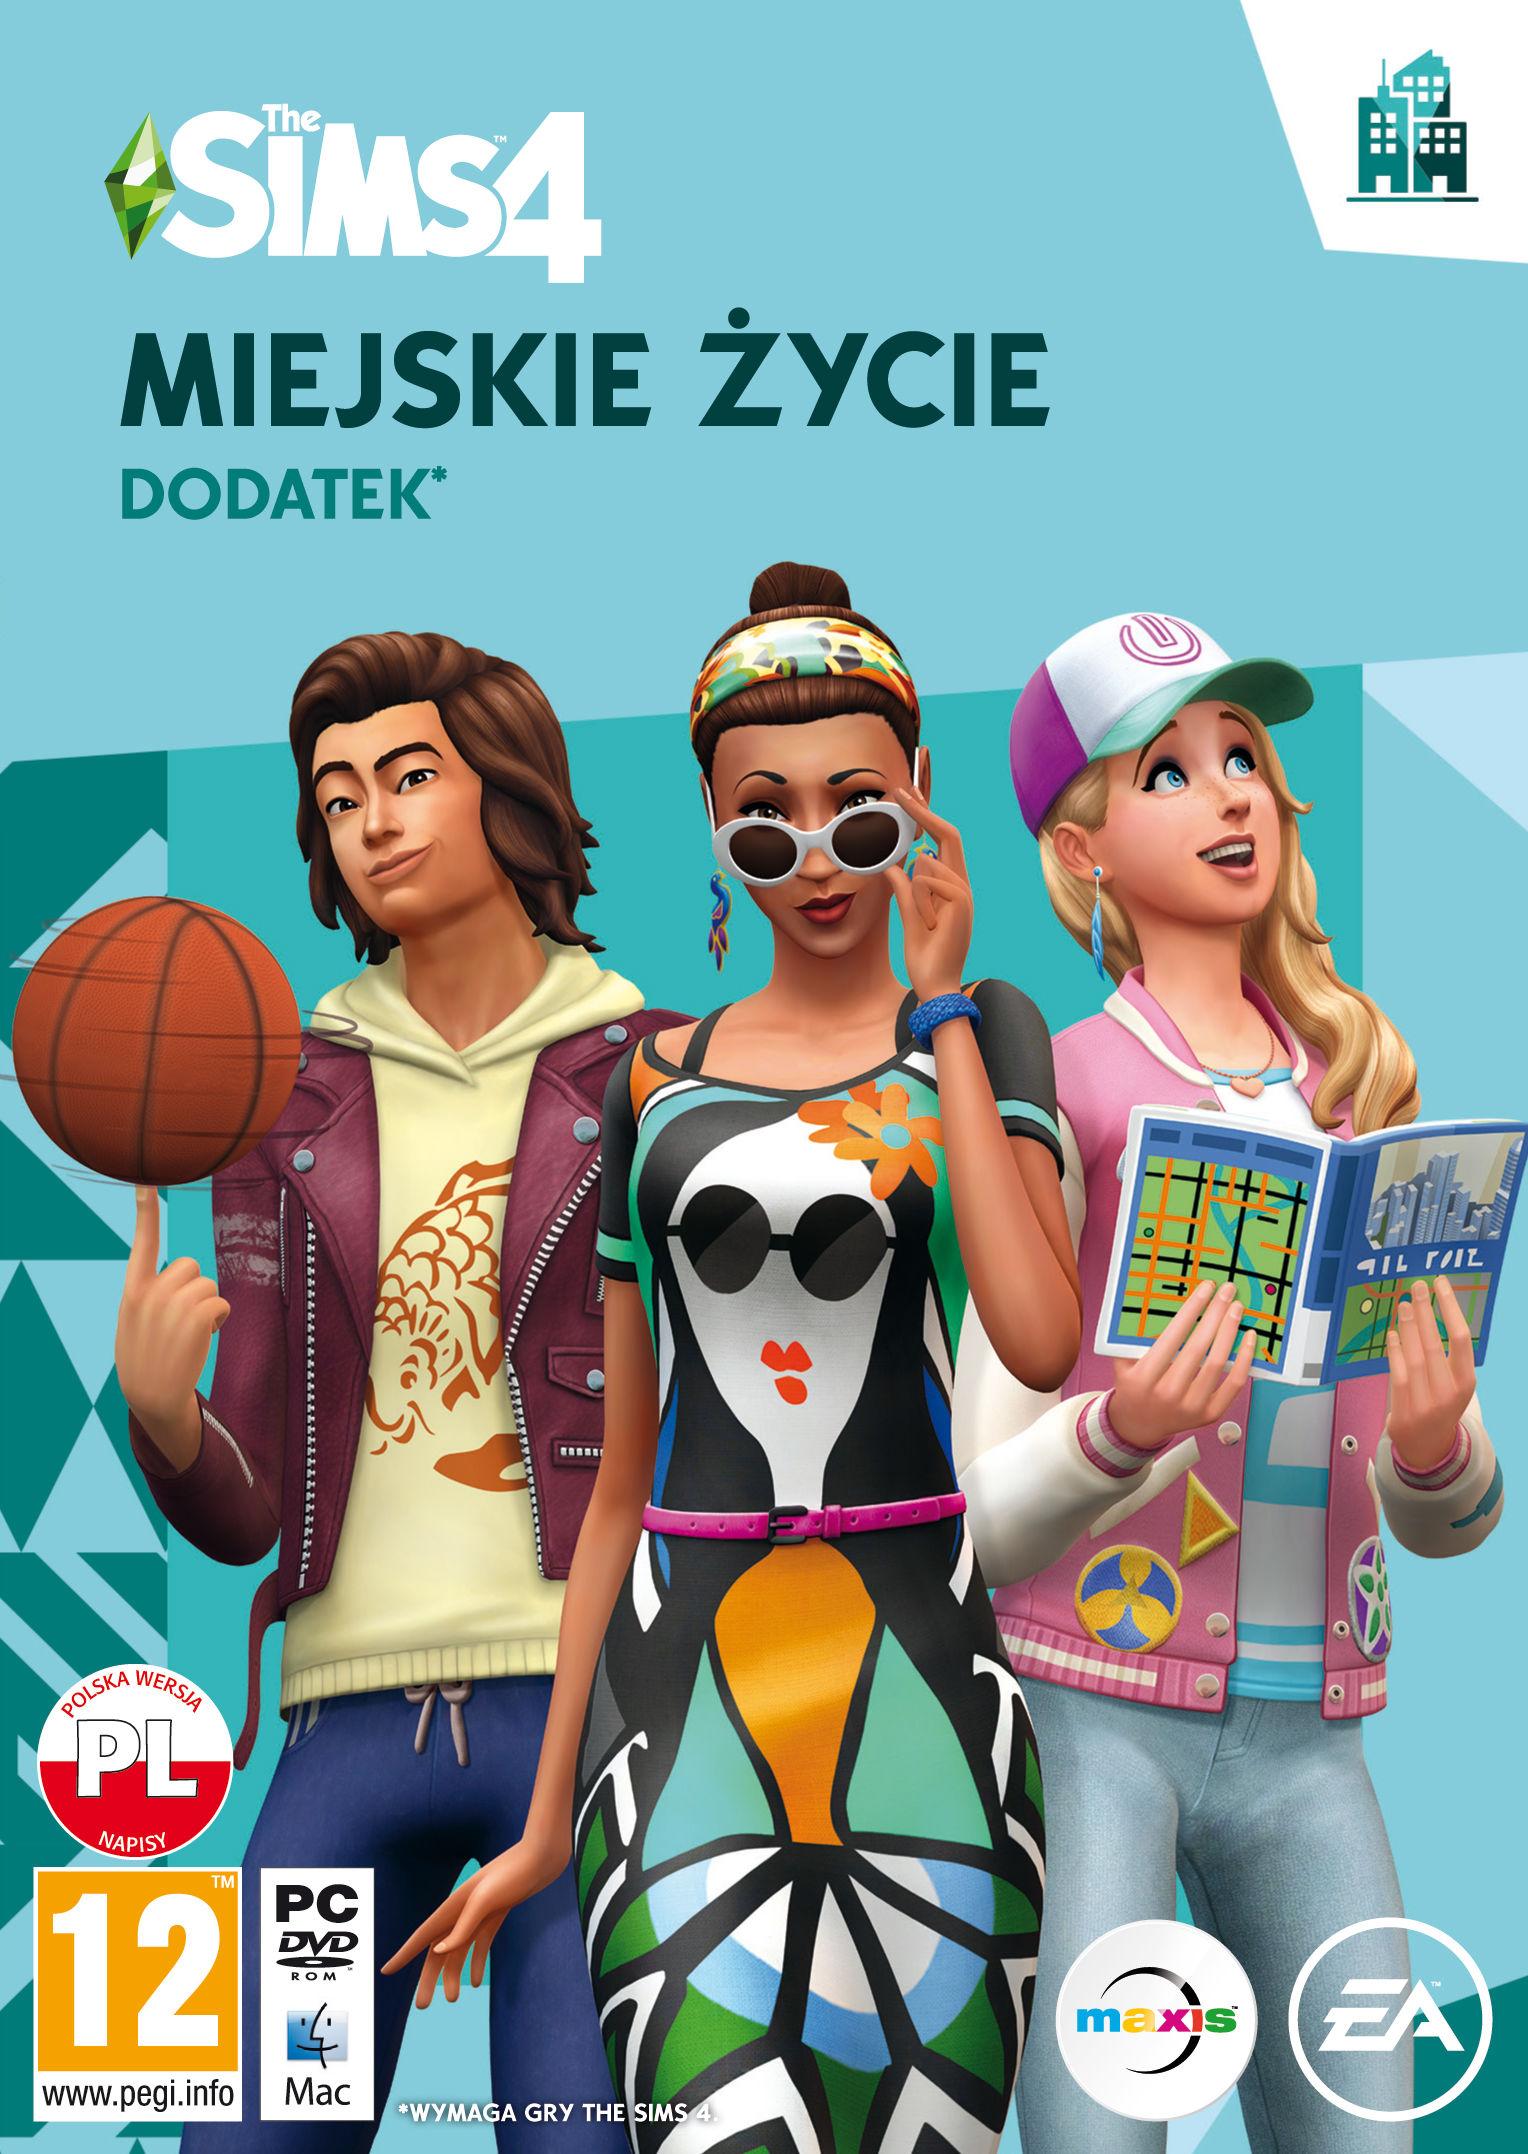 The Sims 4 Miejskie Życie - Klucz aktywacyjny Origin Automatyczna wysyłka w ciągu 5 minut 24/7!